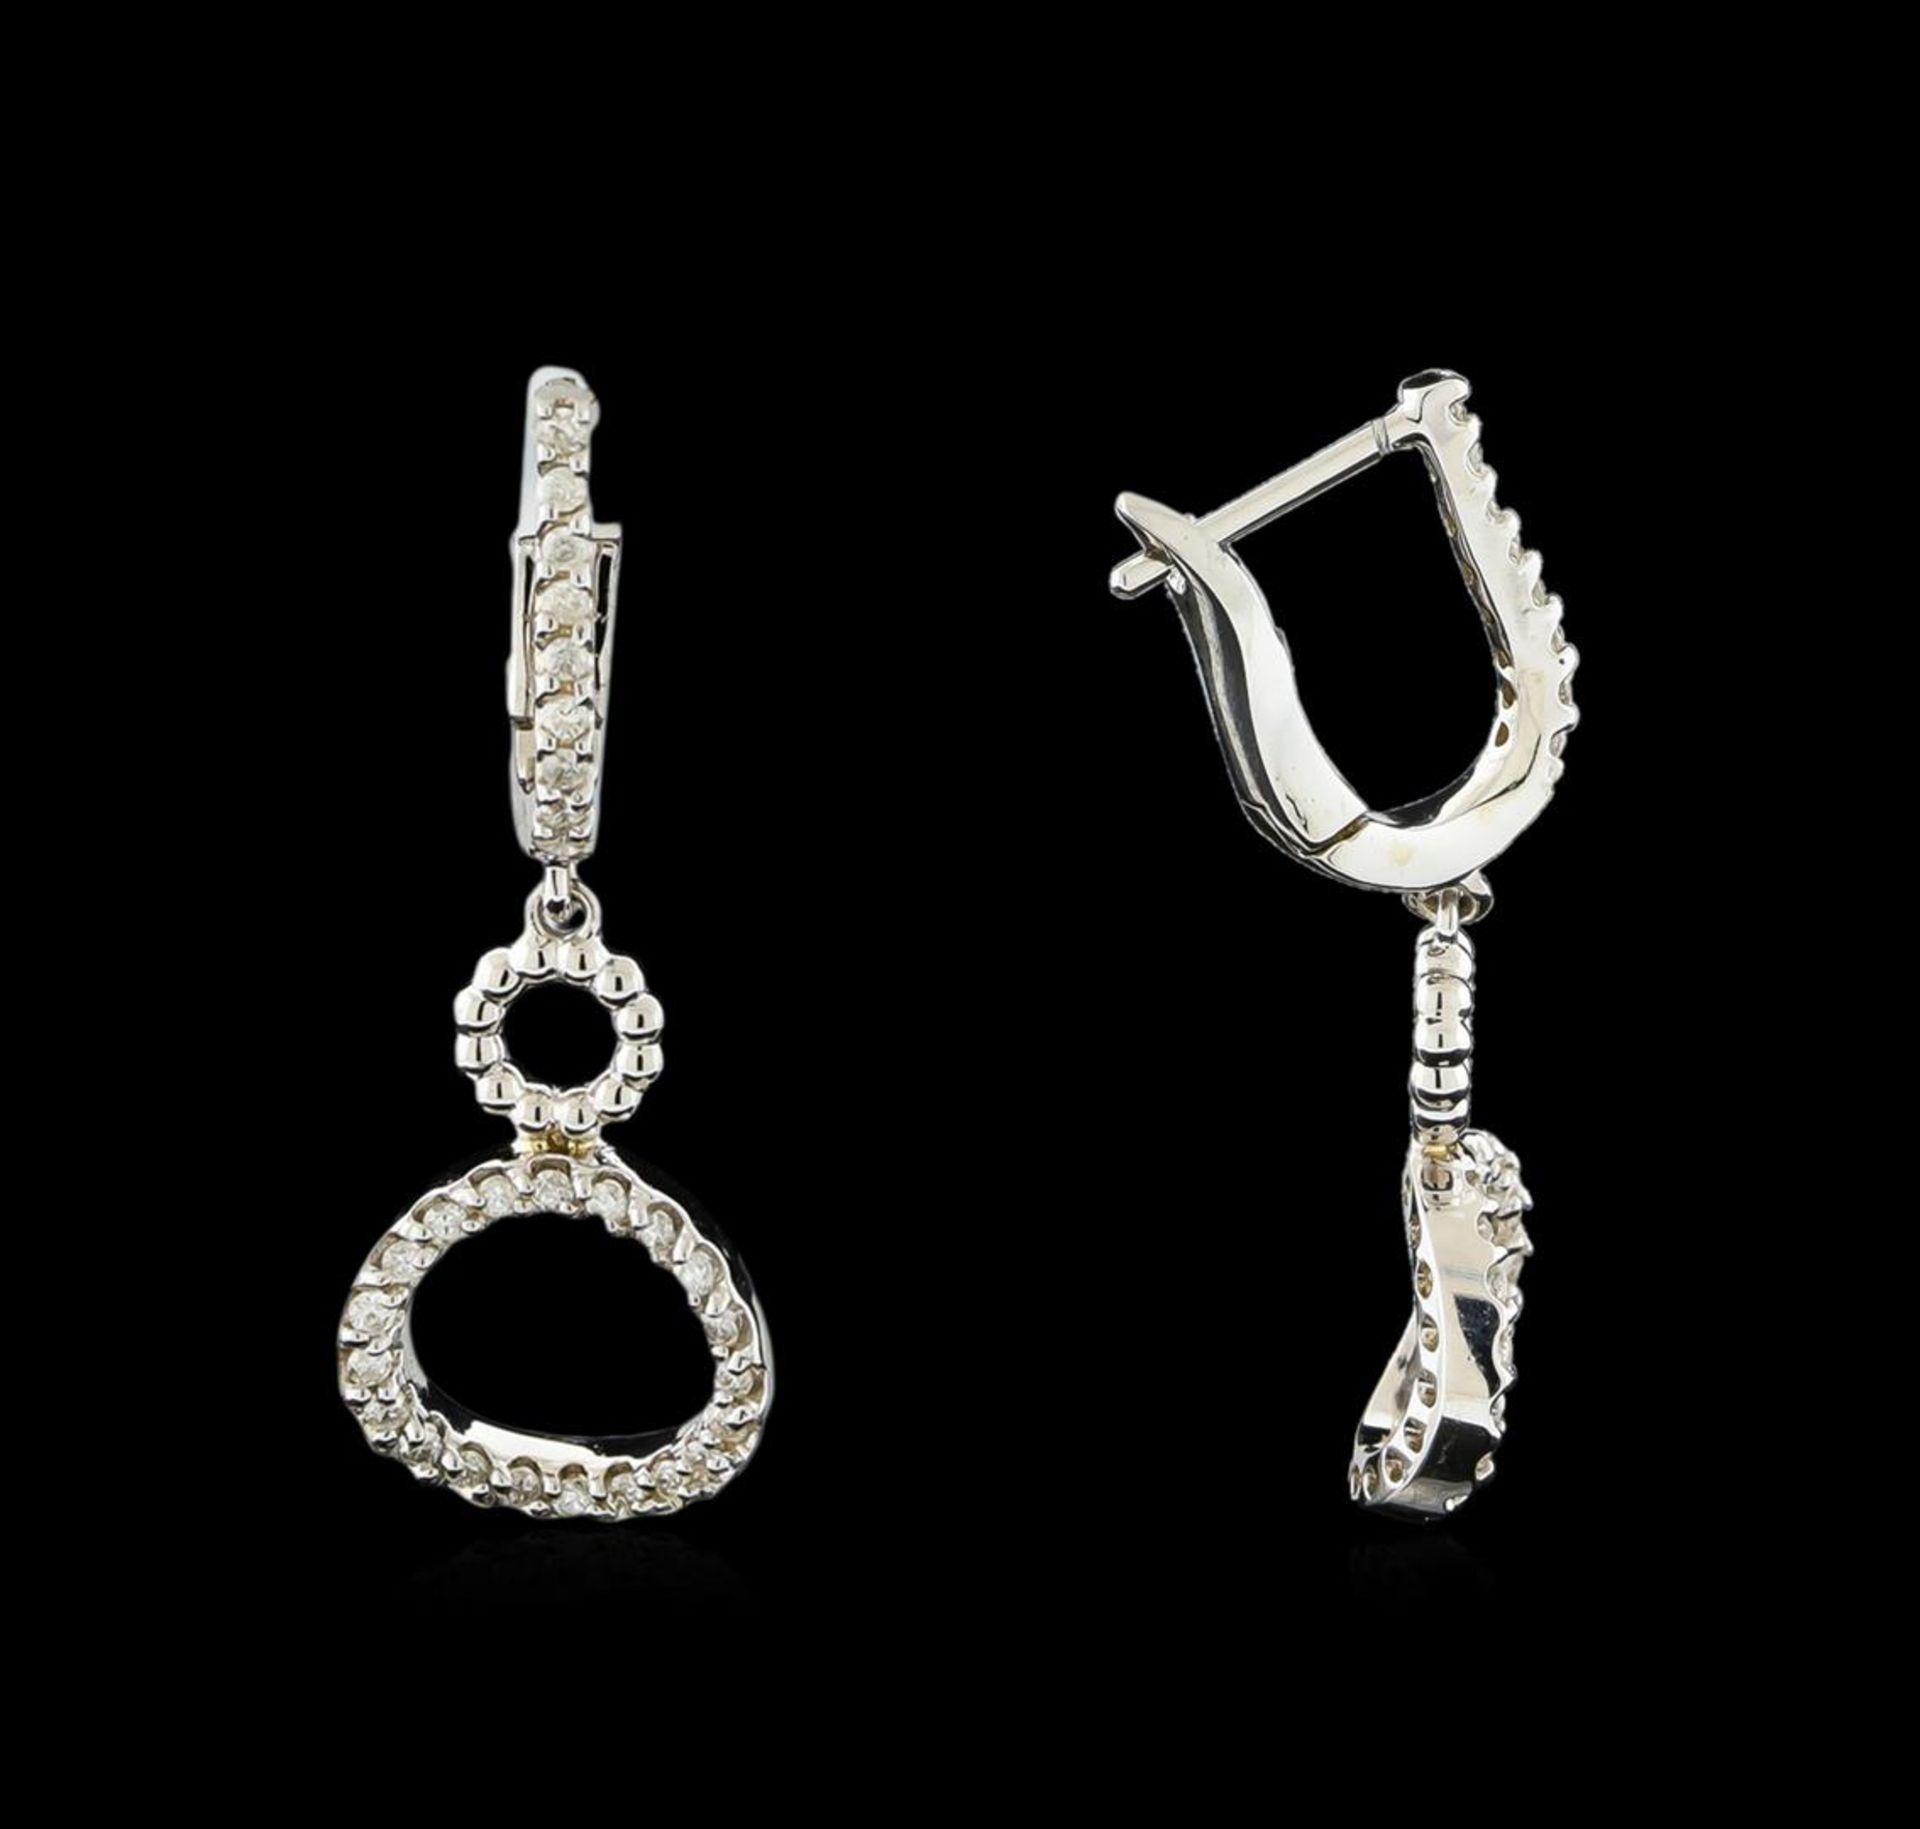 0.38 ctw Diamond Earrings - 14KT White Gold - Image 2 of 2